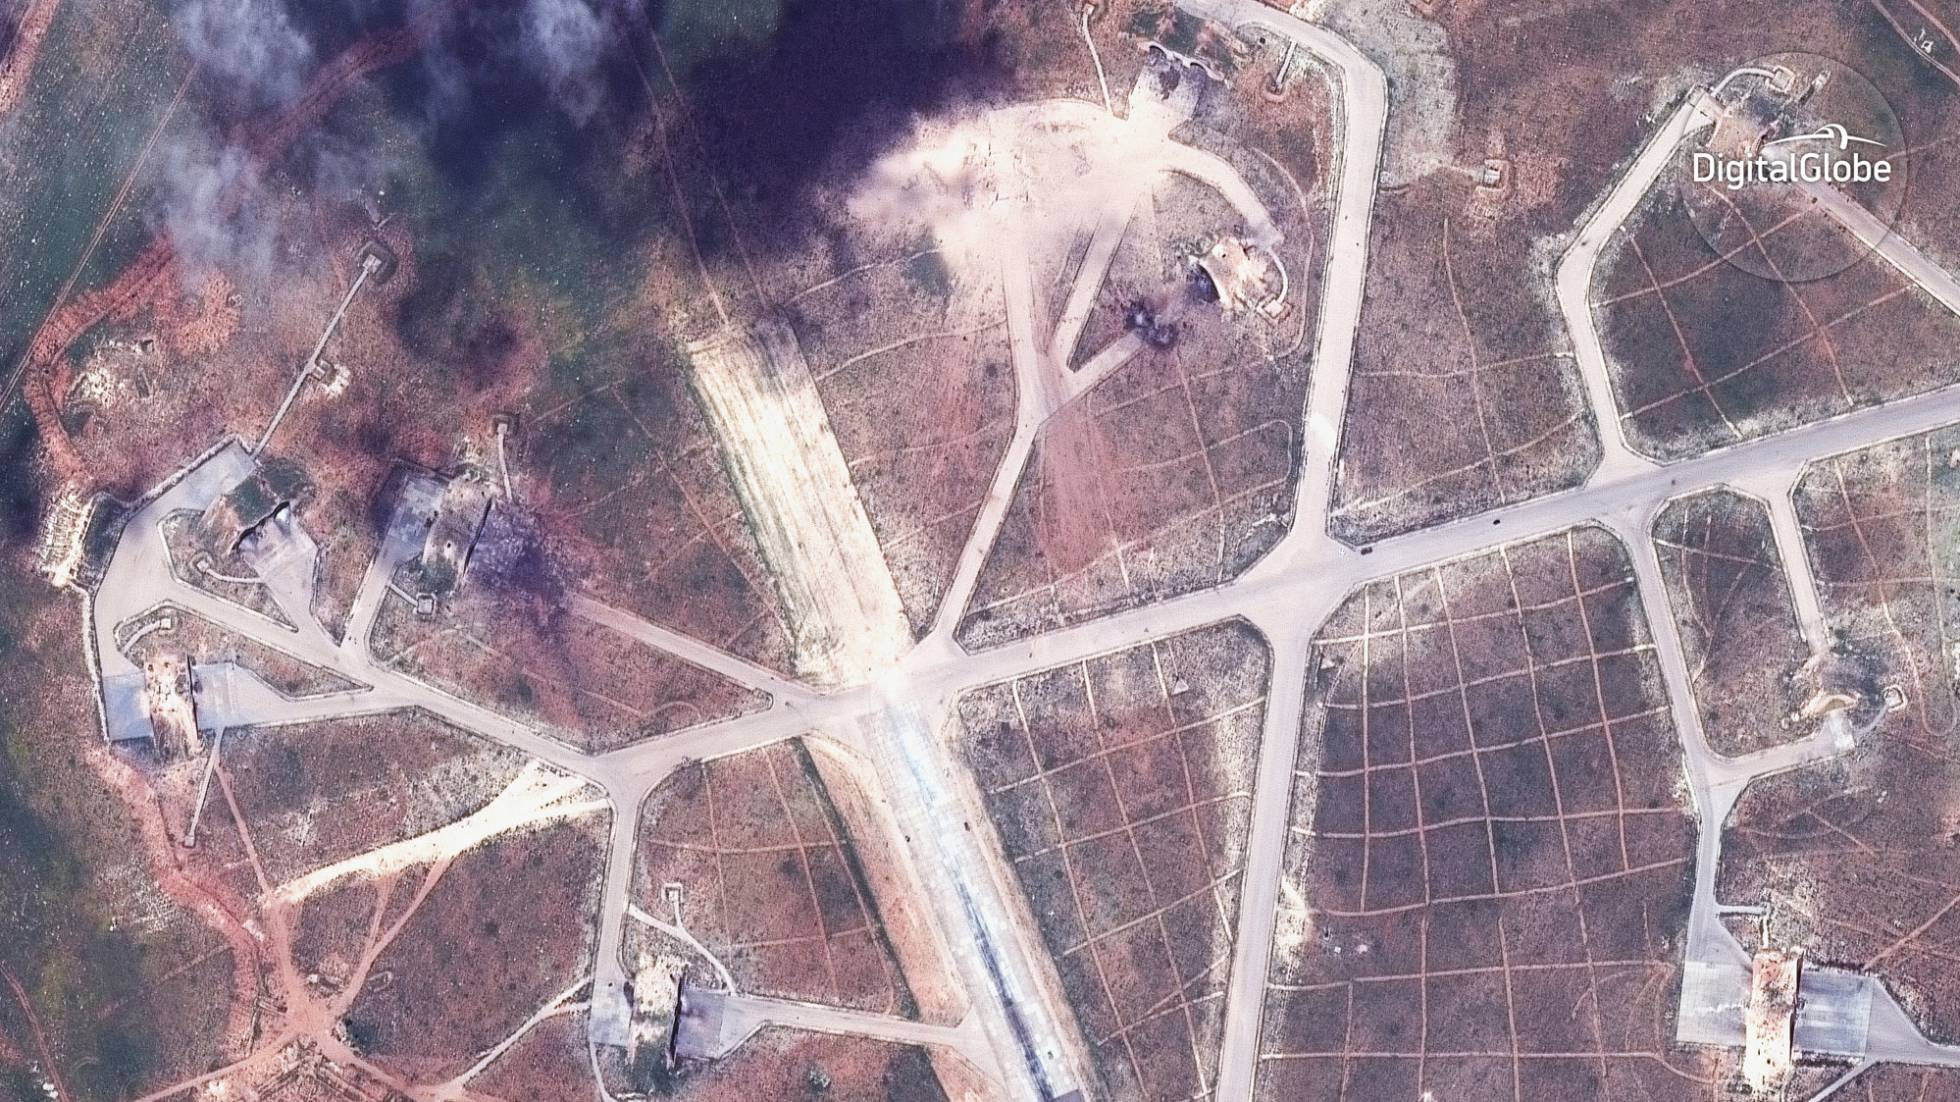 Comando de Defensa Aeroespacial Integral - Página 28 1491671255_999385_1491671477_noticia_normal_recorte1